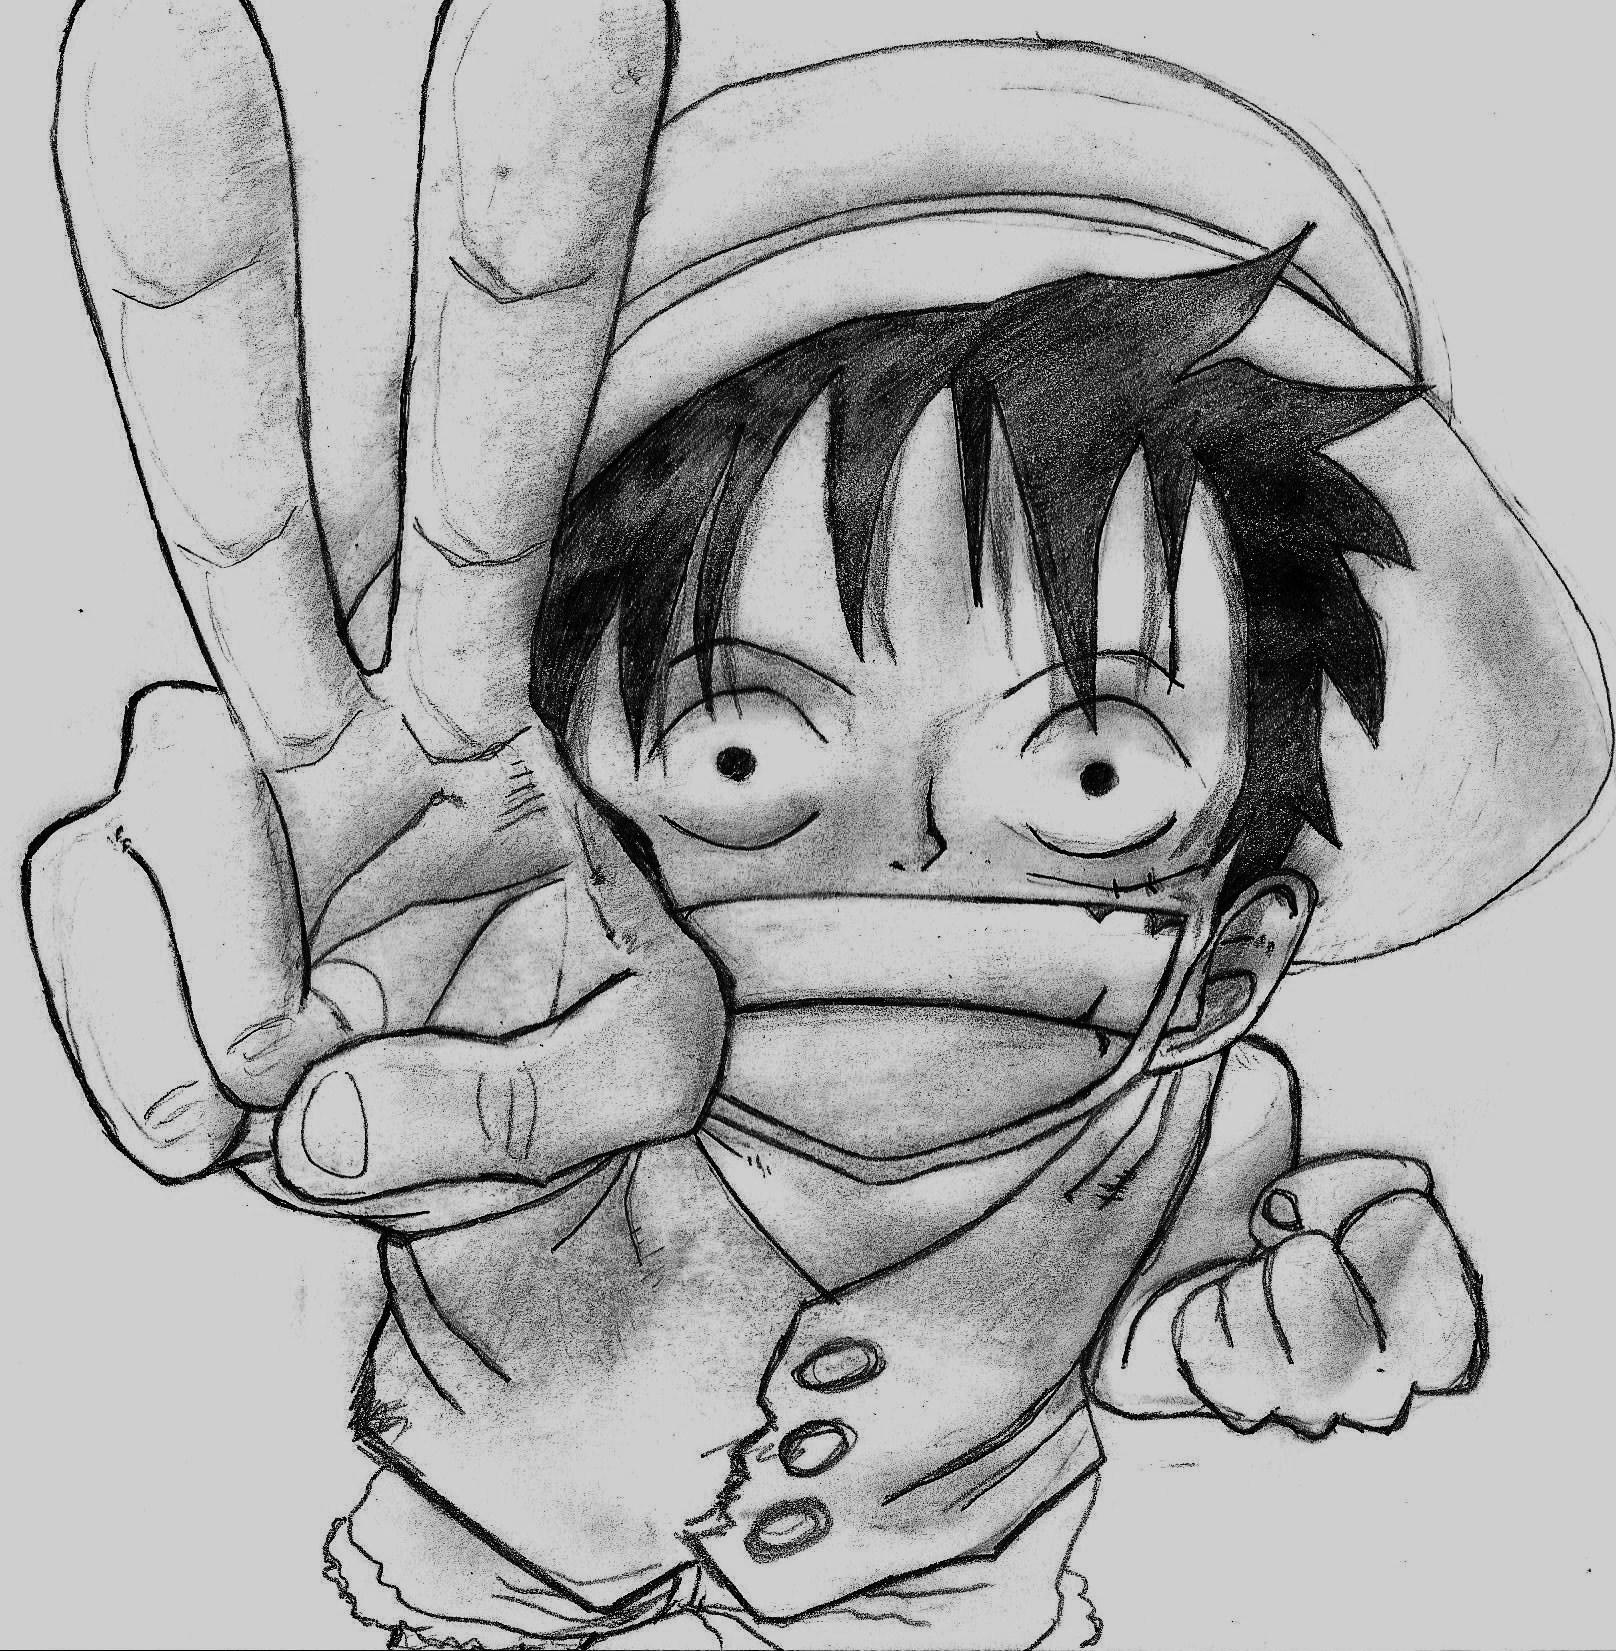 Dessin De Manga One Piece Dessin De Manga